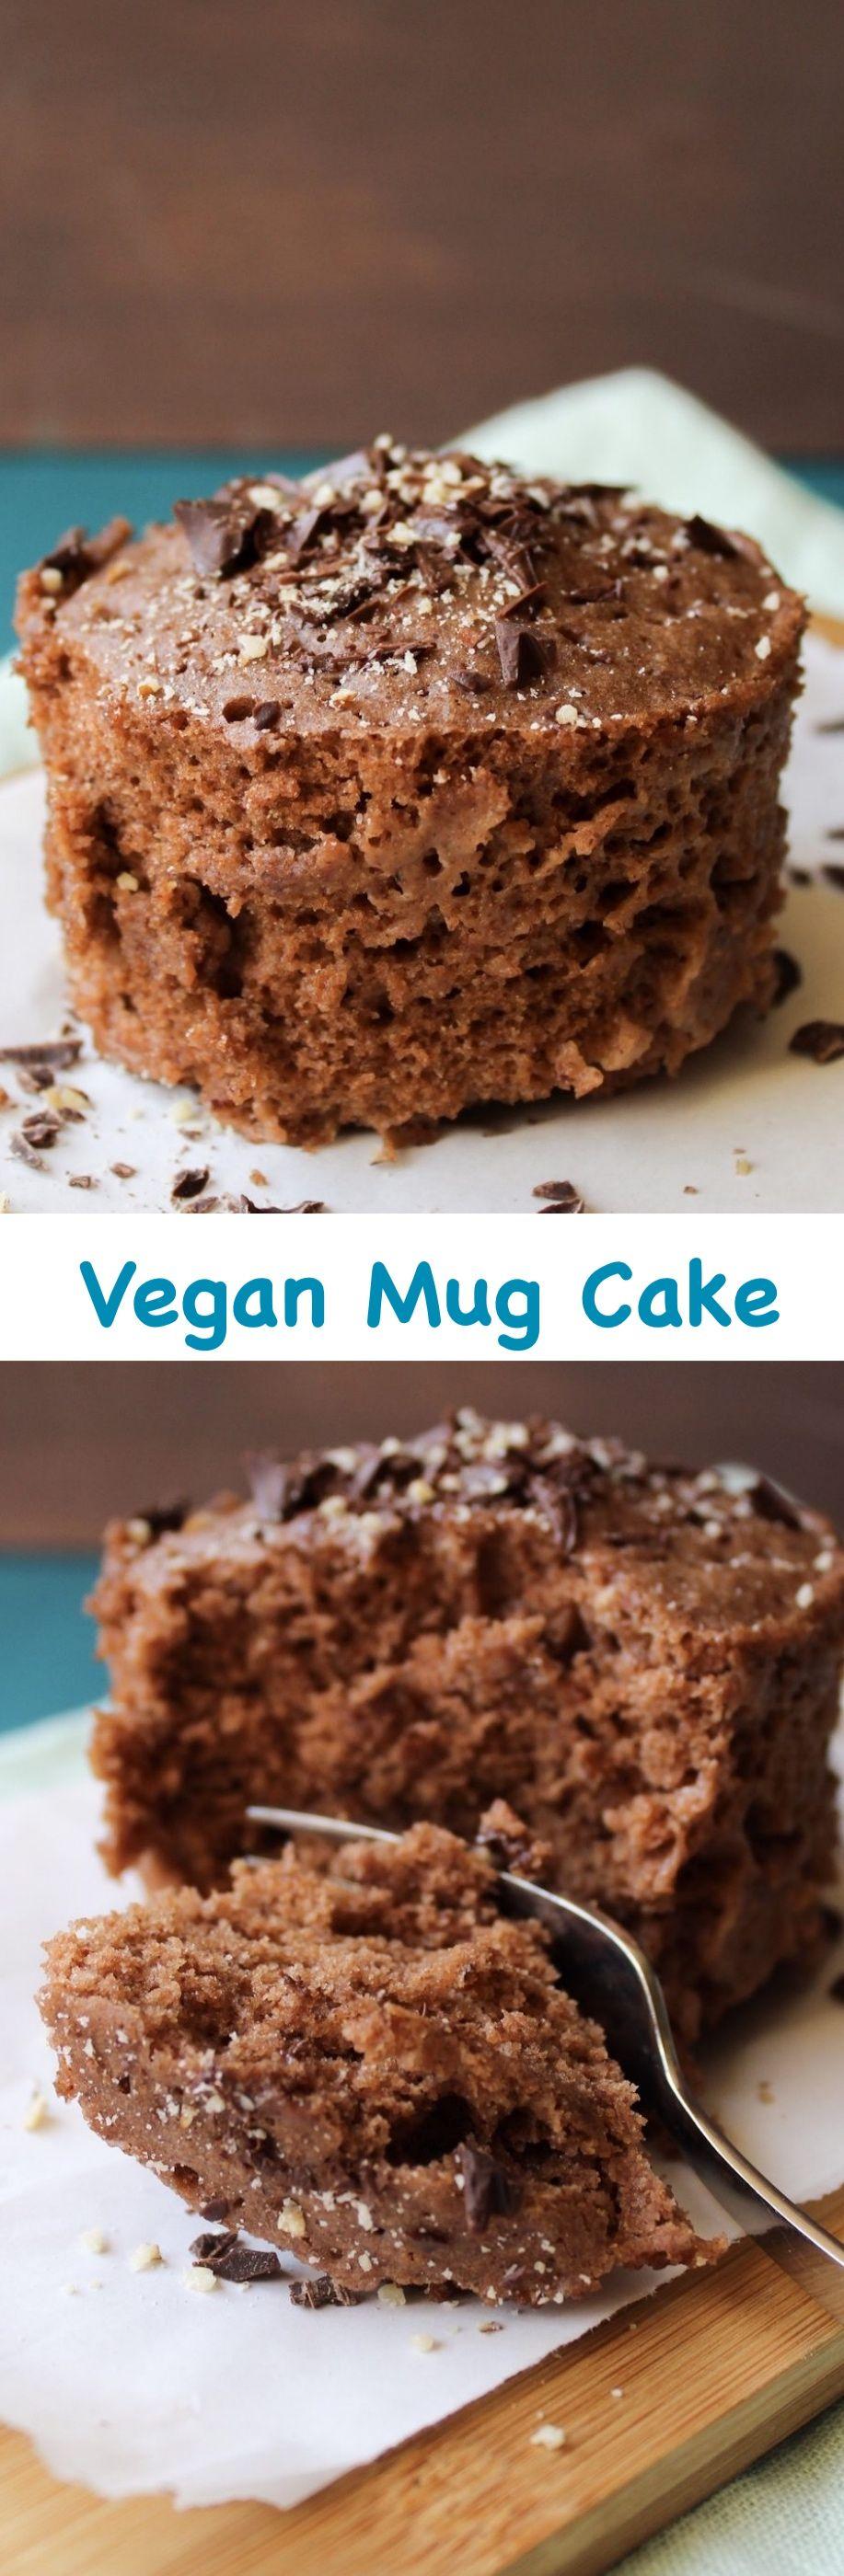 Nut Cream Recipes | Mug cake healthy, Cream recipes, Vegan ...